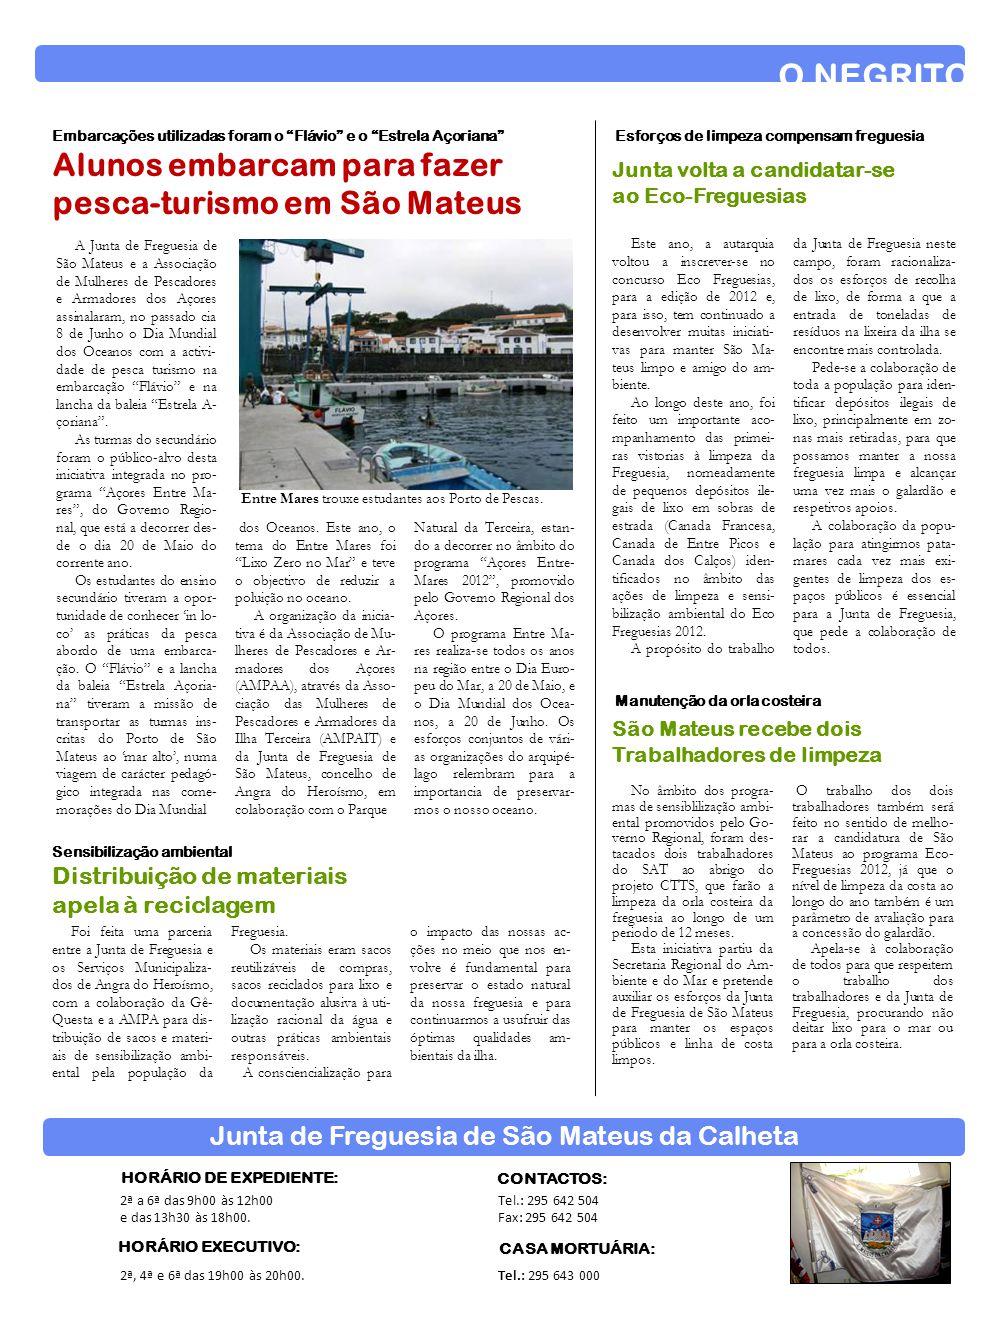 A Junta de Freguesia de São Mateus e a Associação de Mulheres de Pescadores e Armadores dos Açores assinalaram, no passado cia 8 de Junho o Dia Mundia